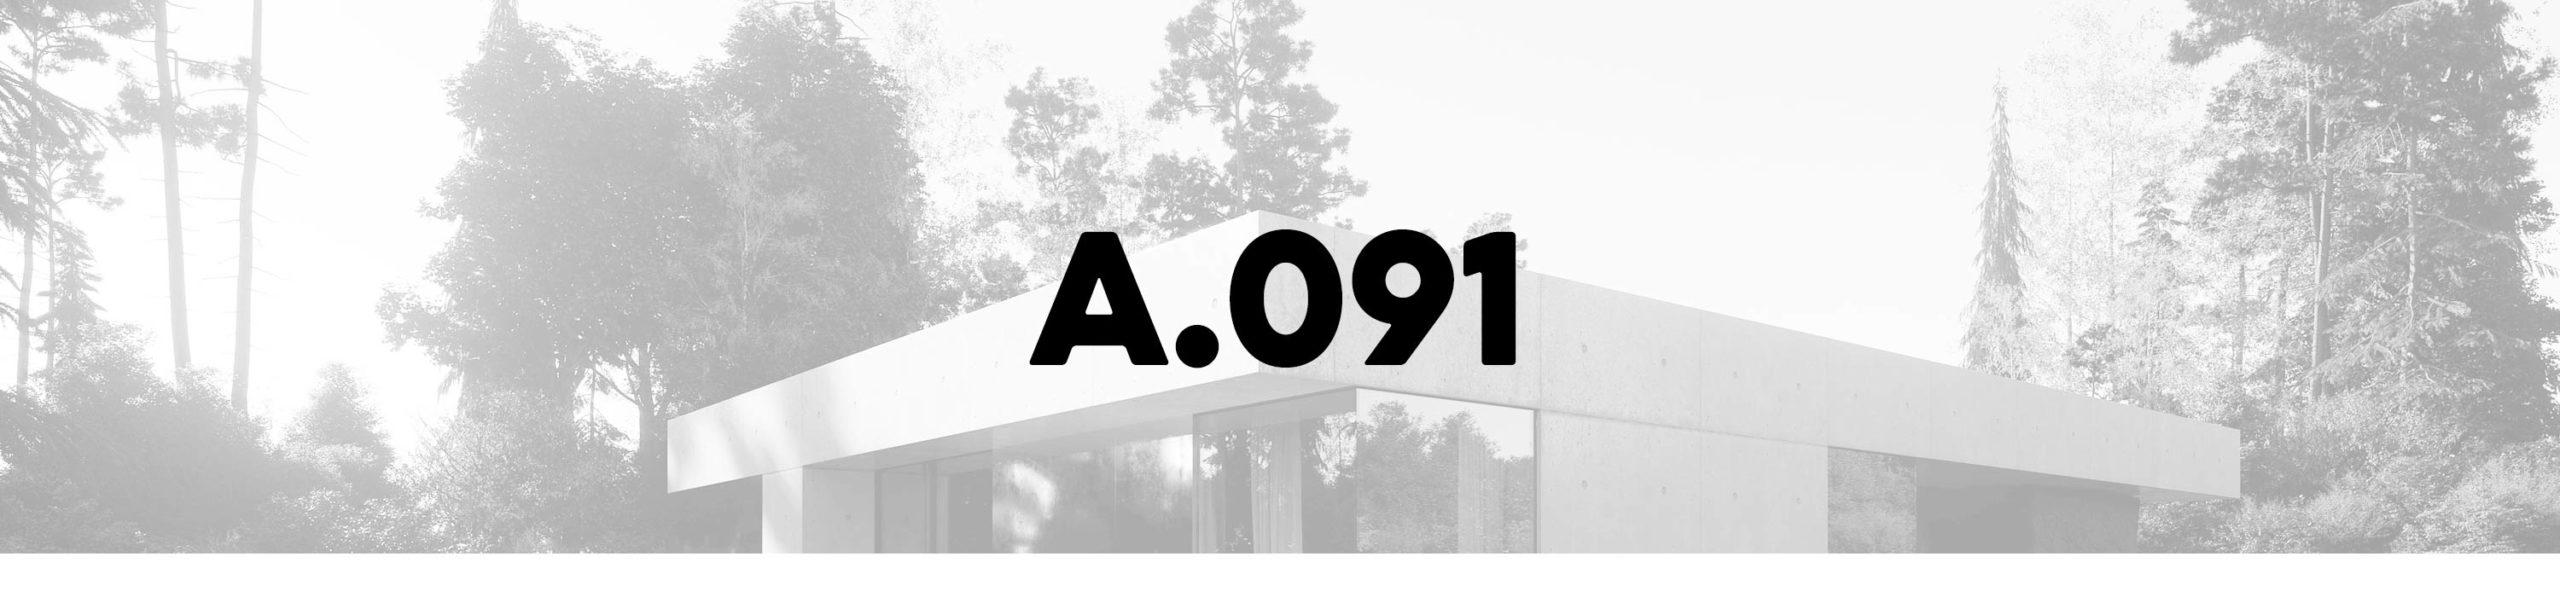 architecture-091-M